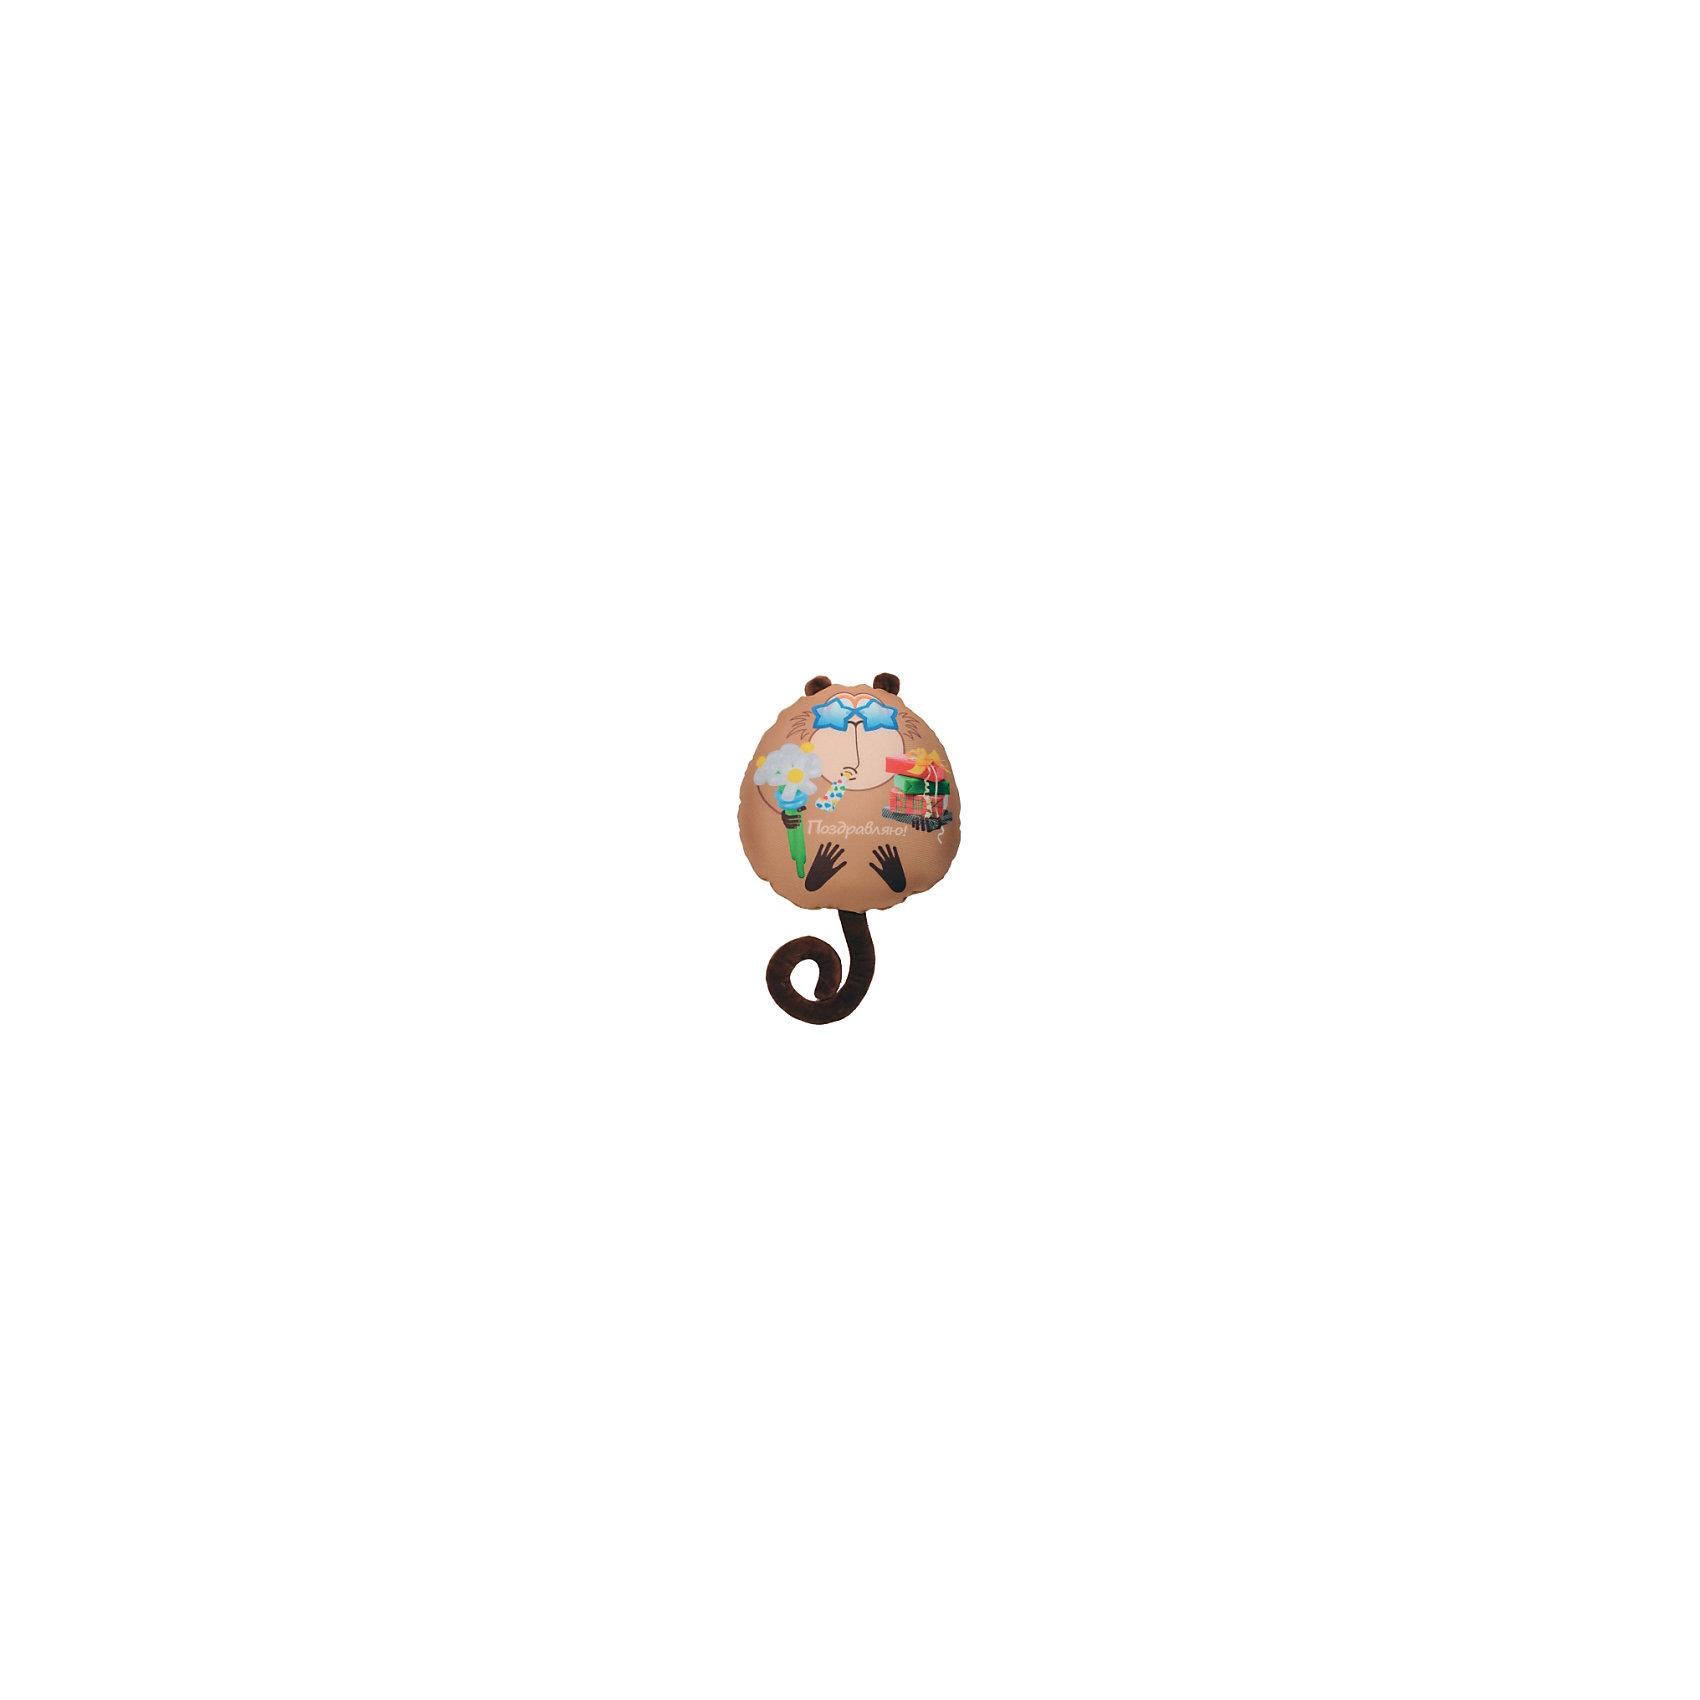 Подушка обезьянка Жужу В28, арт. 2932/БЖ-10/28Подушка обезьянка Жужу В28, арт. 2932/БЖ-10/28 – это подушка-игрушка, которая снимет напряжение и поднимет настроение.<br>Мягкая подушка-антистресс в виде забавной обезьянки, с которой так здорово играть, способна зарядить позитивом и стать аккумулятором хорошего настроения. Она очень эффектна и красива, и создает поистине волшебный релаксирующий эффект. Обшивка выполнена из высокопрочного полиэстера, обладающего повышенной эластичностью. Наполнитель - гранулы пищевого полистирола, диаметр шариков - менее миллиметра. Подушка приятна на ощупь, легка, упруга и всегда хорошо выглядит: как бы сильно ребенок не сжимал ее, она неизменно возвращается в первоначальную форму. Это идеальный рецепт хорошего настроения! Она подходит абсолютно всем, поскольку не вызывают аллергии. Оригинальный стиль и великолепное качество исполнения делают эту подушку-игрушку чудесным подарком к любому празднику.<br><br>Дополнительная информация:<br><br>- Материал верха: полиэстер<br>- Наполнитель: гранулы полистирола<br>- Цвет: бежевый<br>- Высота: 28 см.<br>- Вес: 210 гр.<br><br>Подушку обезьянка Жужу В28, арт. 2932/БЖ-10/28 можно купить в нашем интернет-магазине.<br><br>Ширина мм: 100<br>Глубина мм: 280<br>Высота мм: 280<br>Вес г: 210<br>Возраст от месяцев: 36<br>Возраст до месяцев: 2147483647<br>Пол: Унисекс<br>Возраст: Детский<br>SKU: 4441608